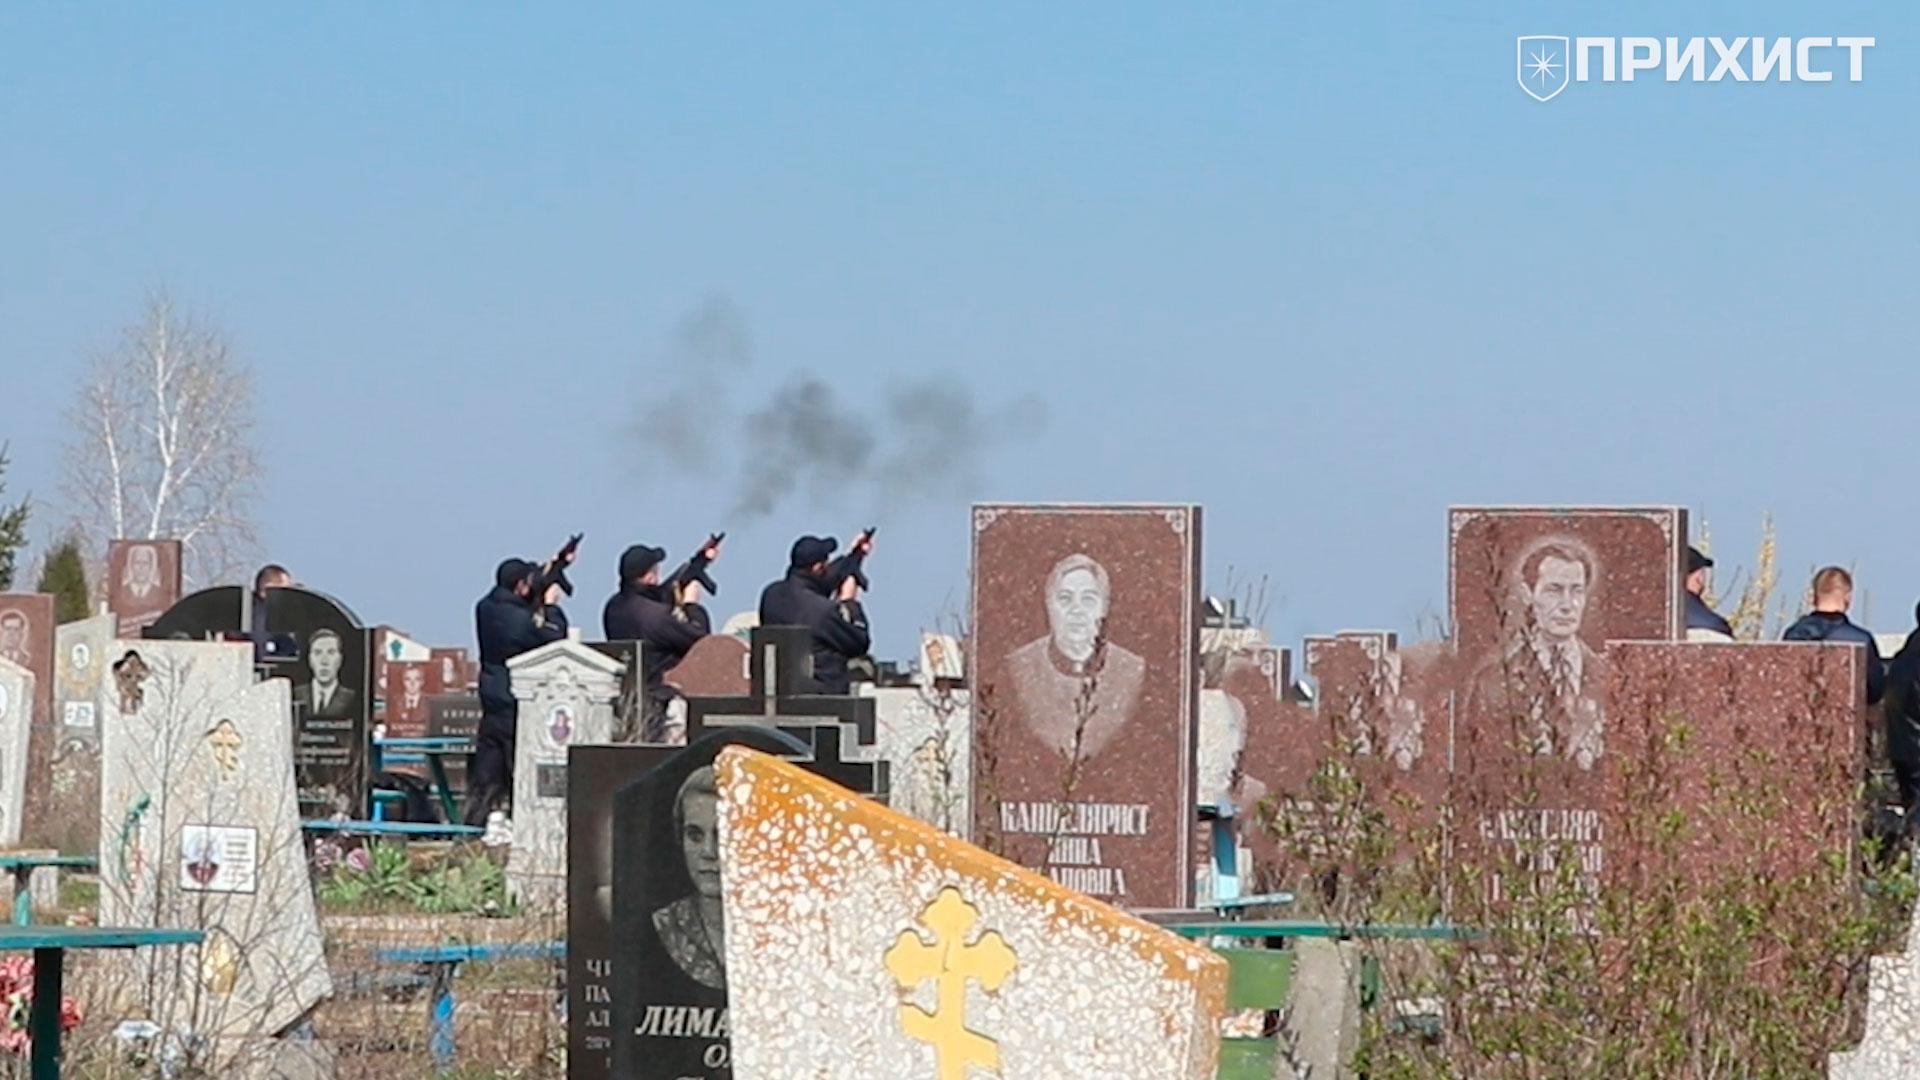 Сегодня похоронили полицейского, которого убили в Никополе   Прихист